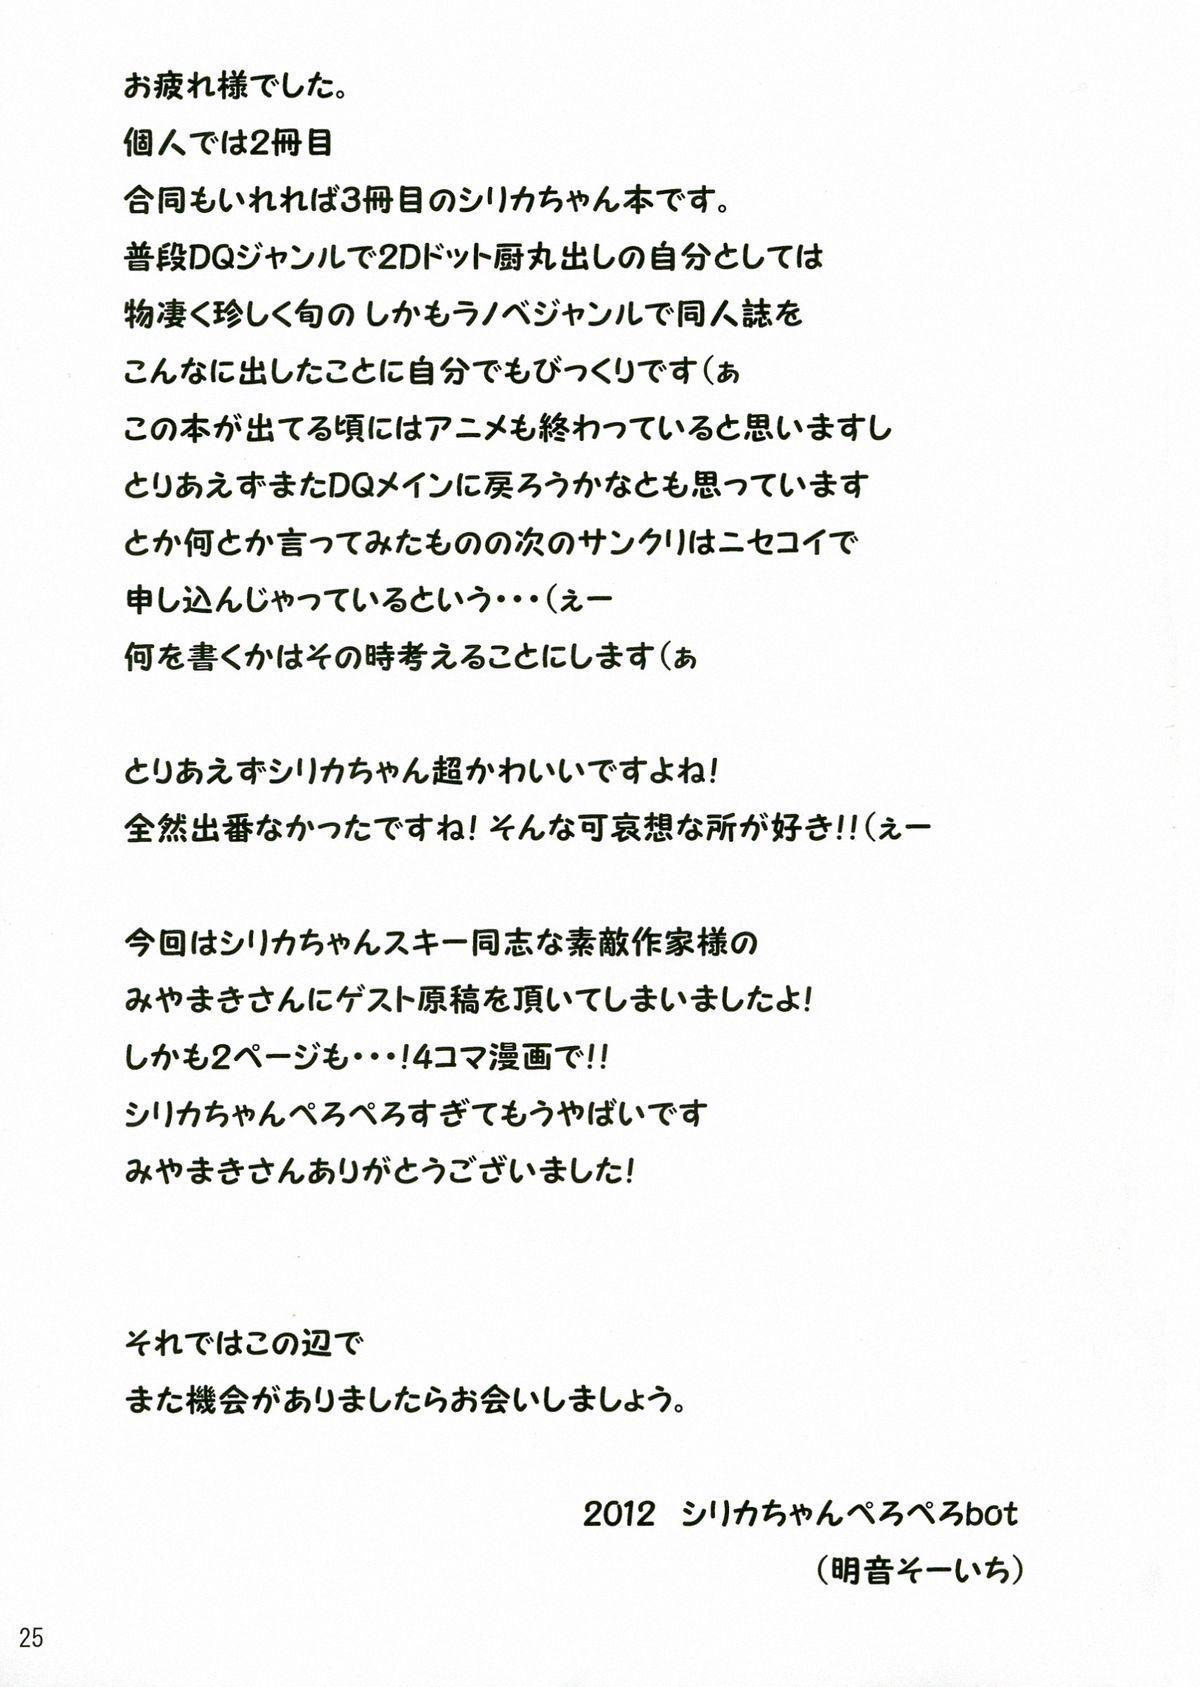 Silica chan kawaii β2 24